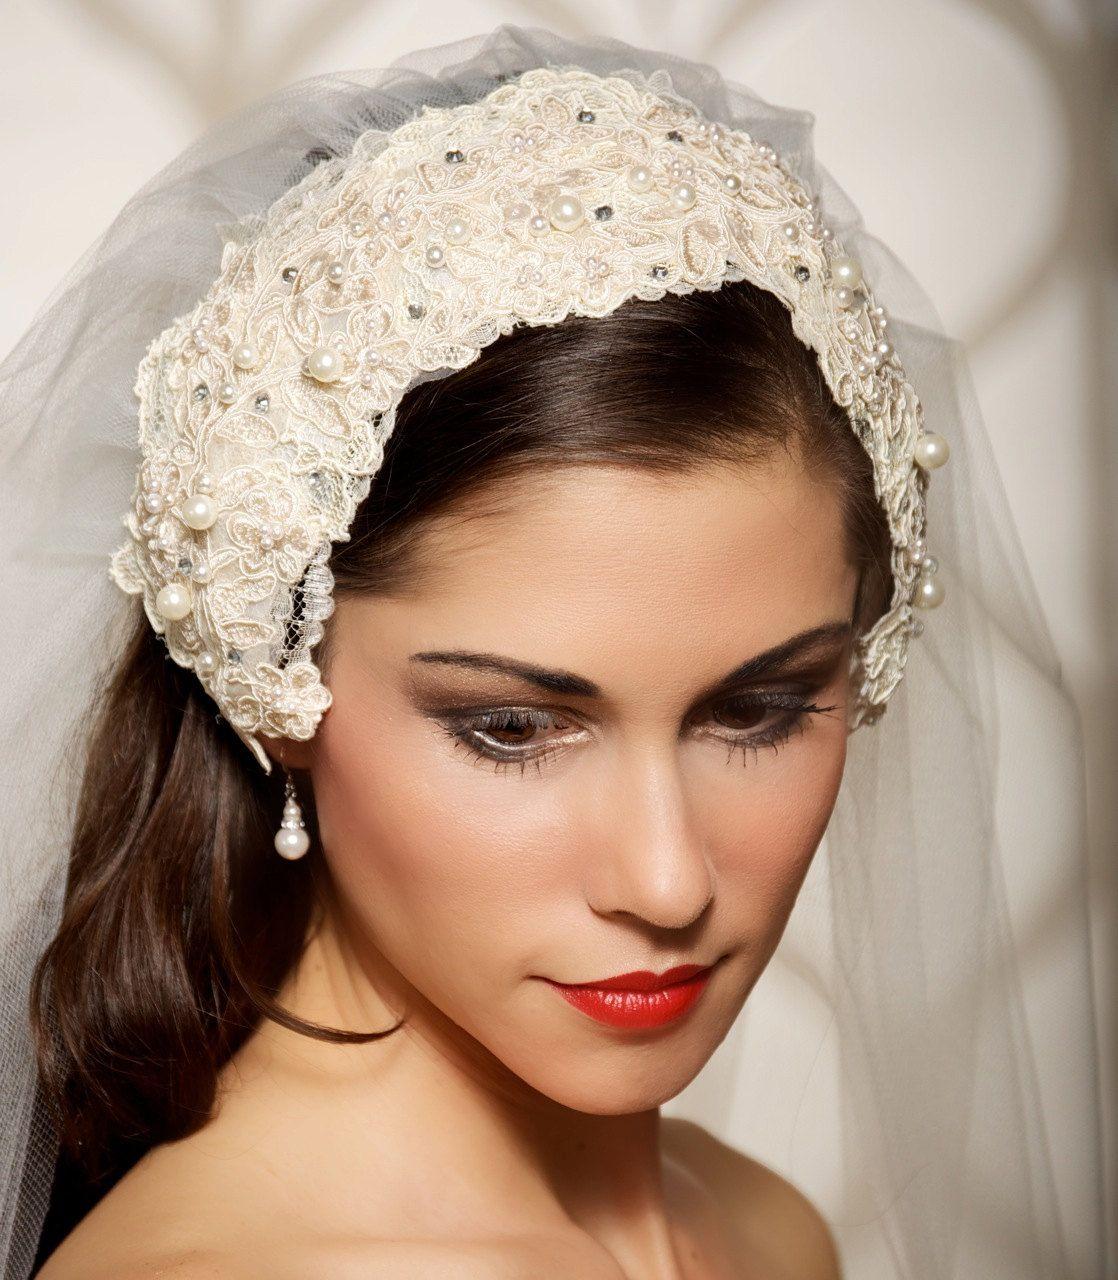 Custom Listing For Caroline Wedding Veil Vintage Bridal Veils And Headpieces Bridal Headwear